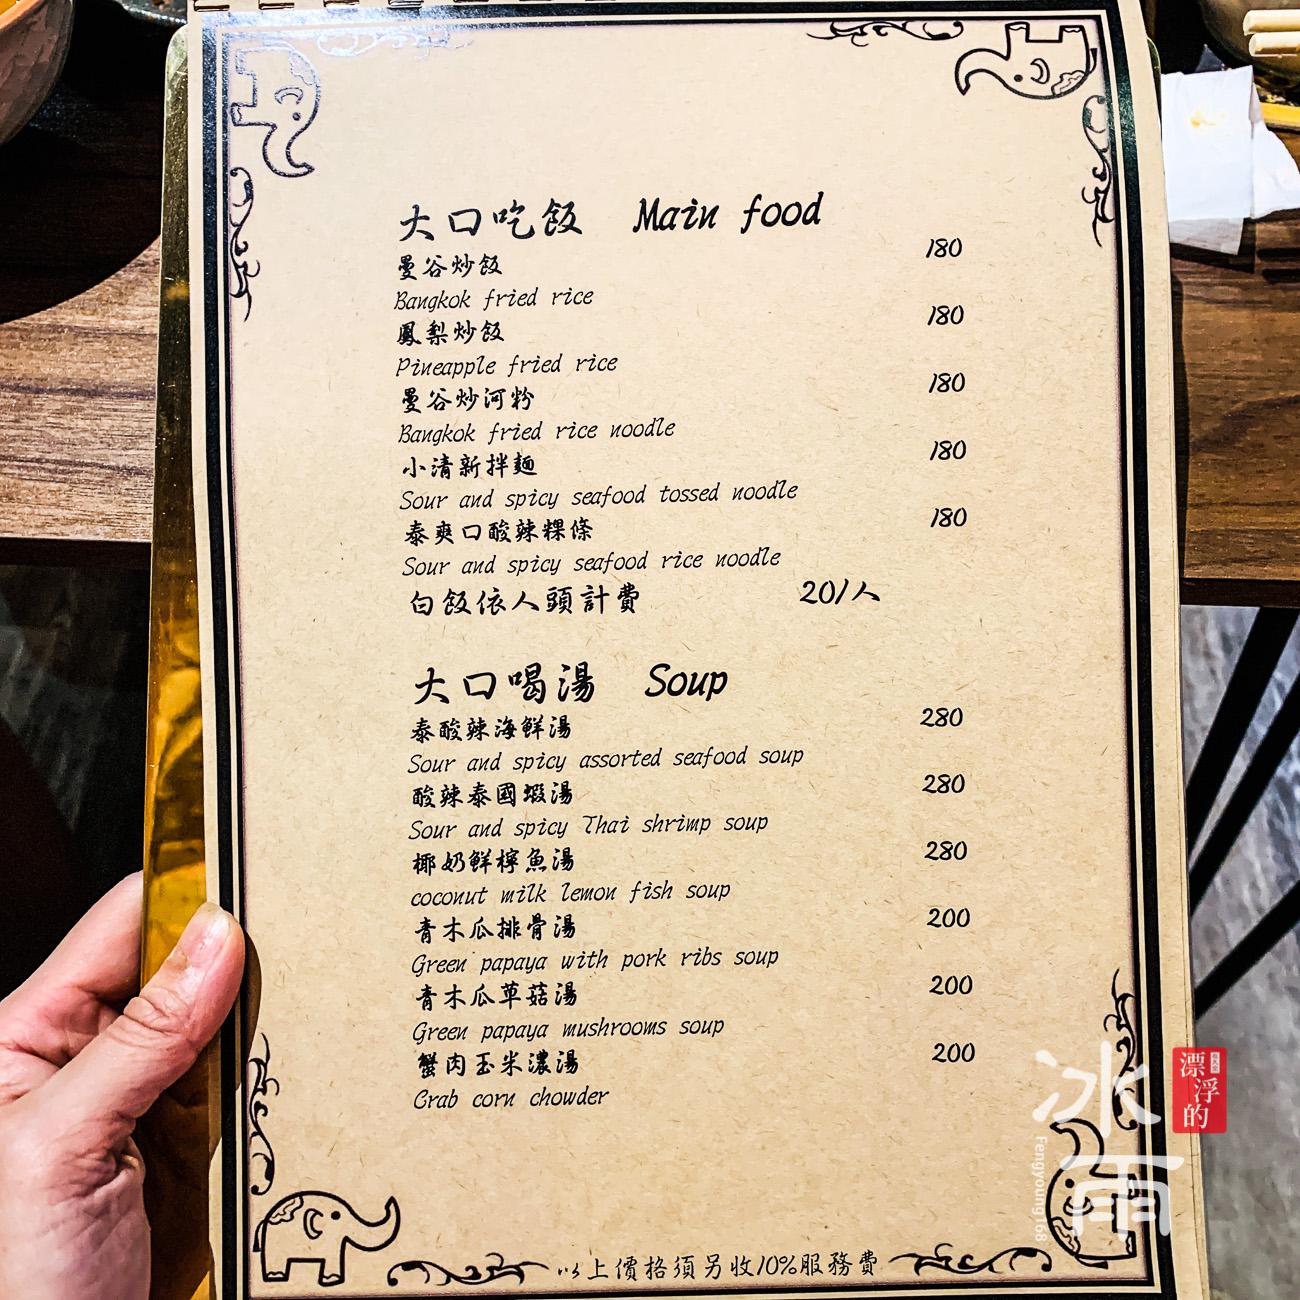 鳳梨炒飯和泰式酸辣海鮮湯都是必點